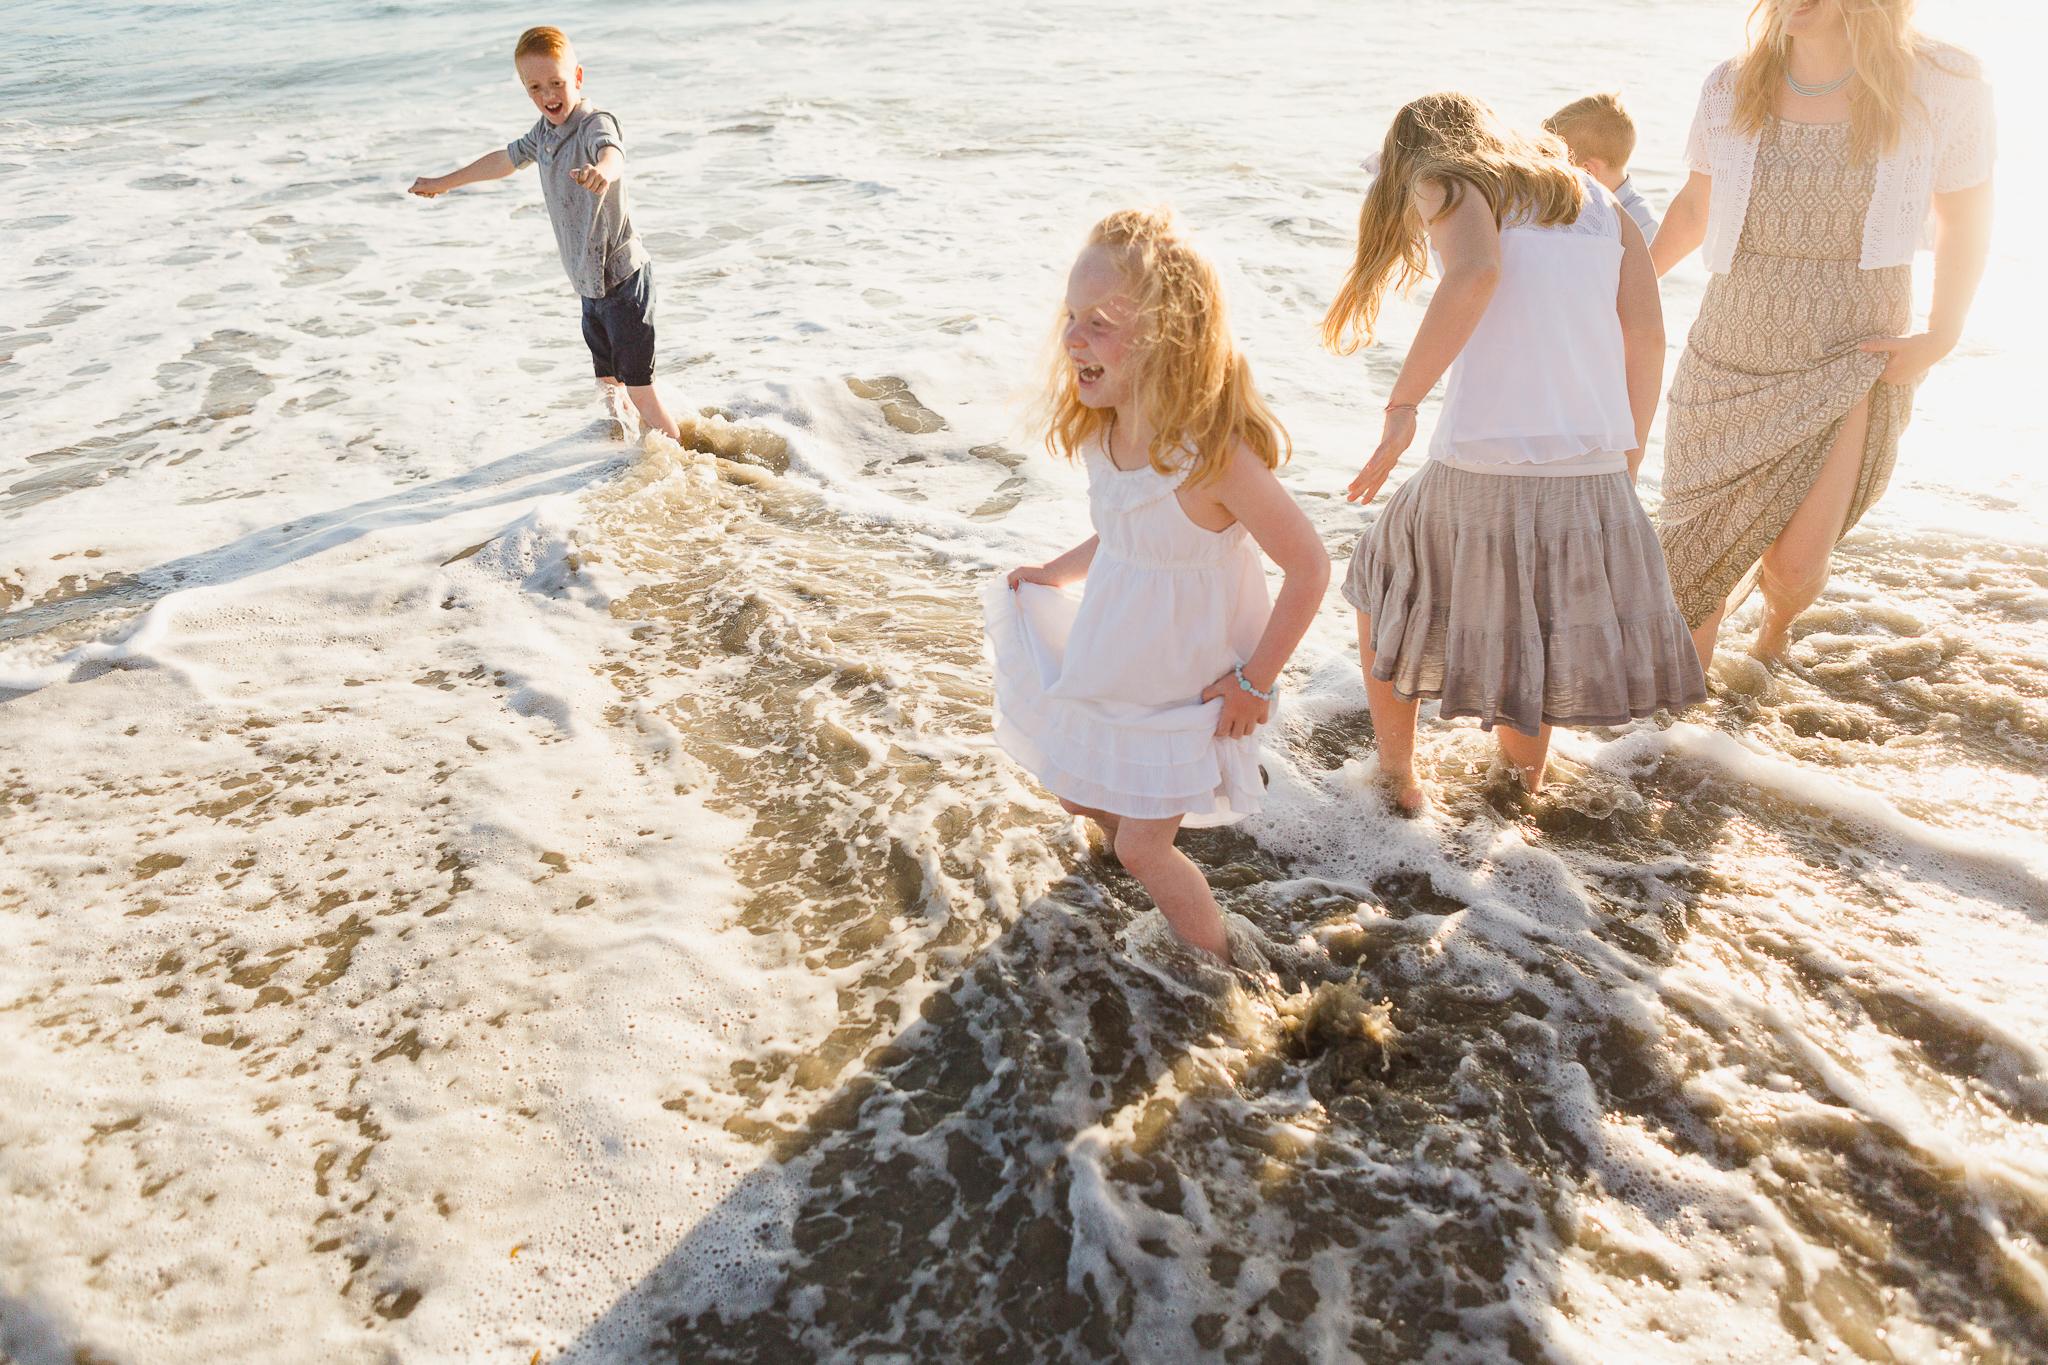 San-Diego-Photographer-Vacationing-Christine-Dammann-WS-GF-6.jpg